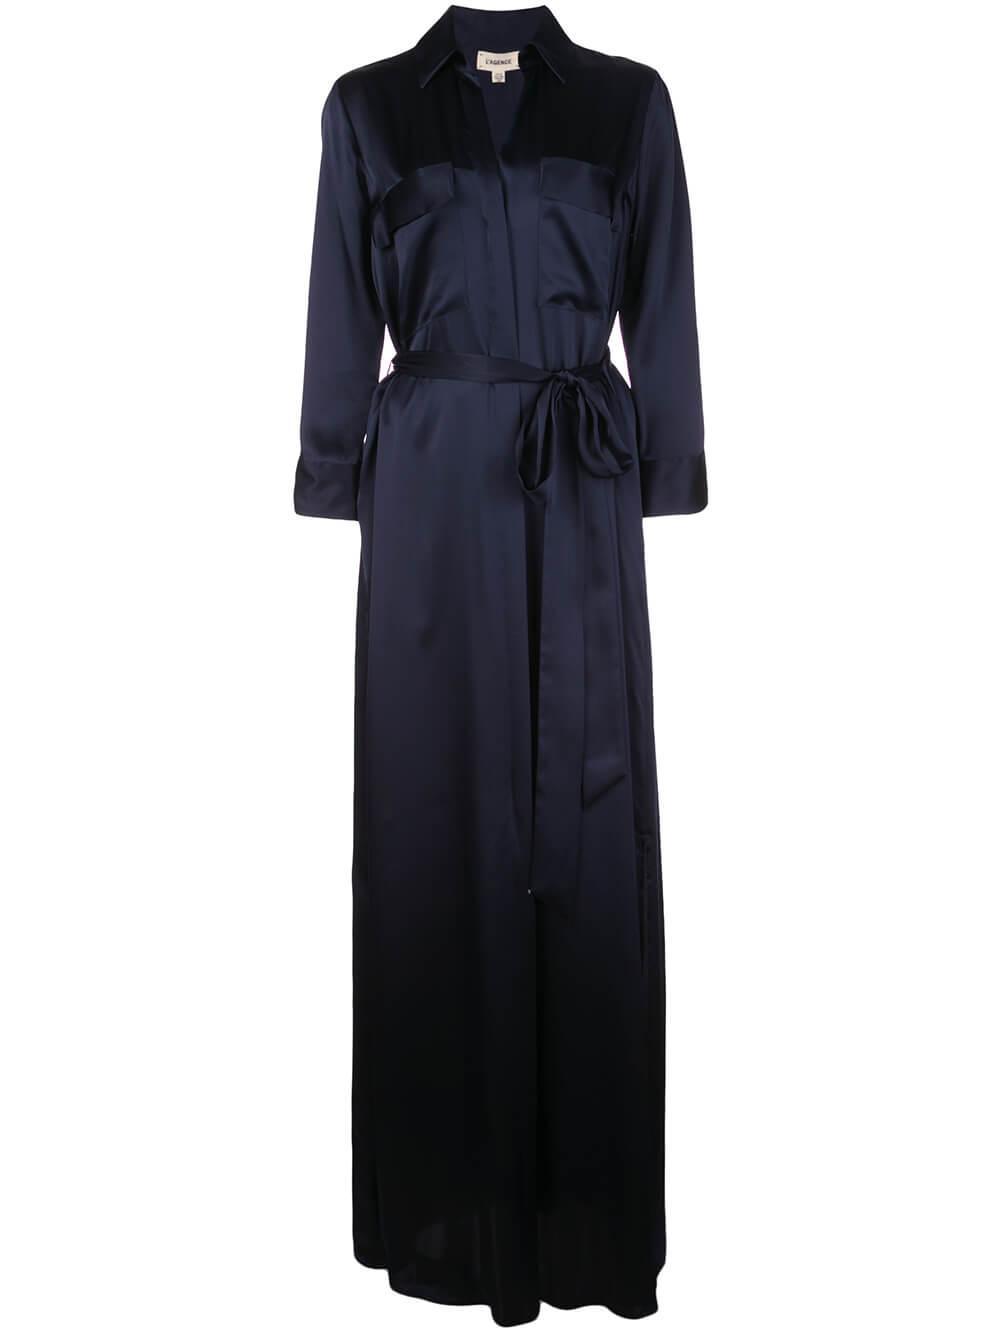 Cameron Long Shirt Dress Item # 60466CLW